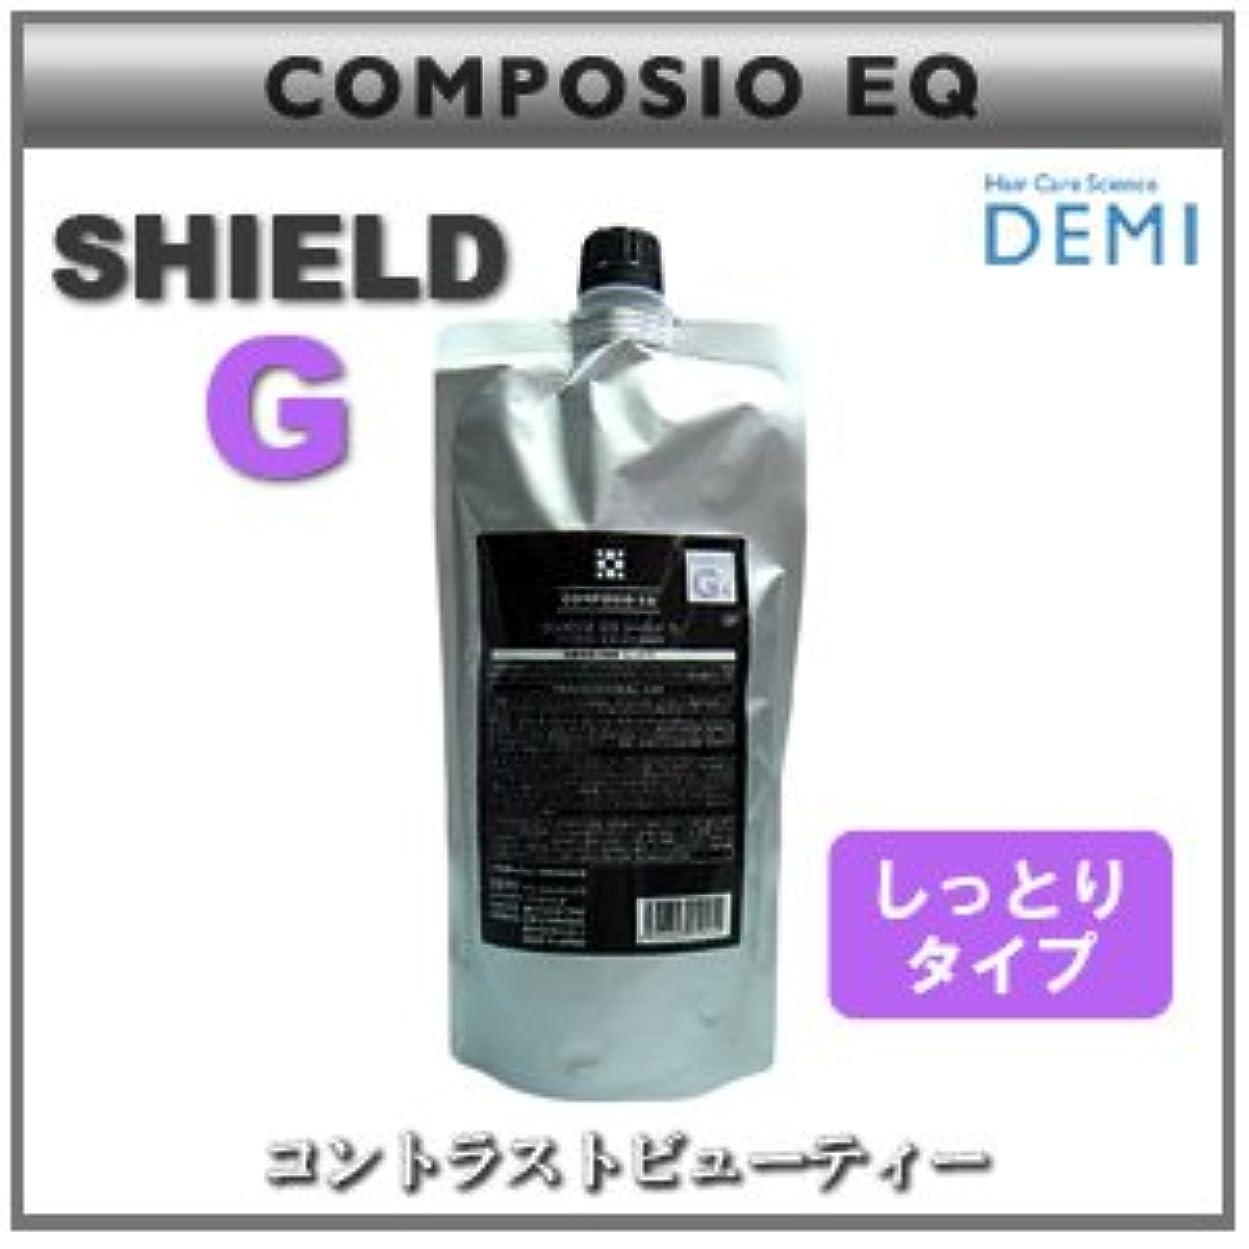 スタッフ波支援【X5個セット】 デミ コンポジオ EQ シールド G 450g